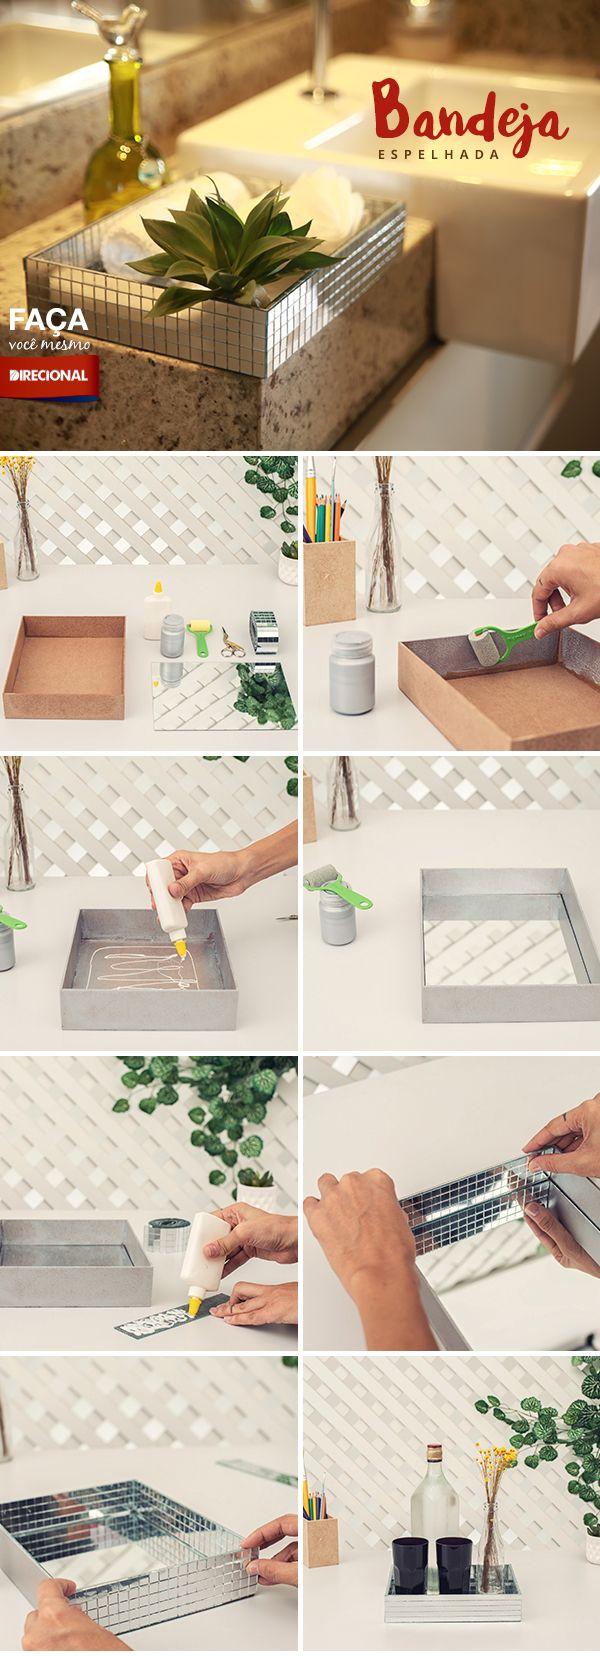 Moderna, versátil e pode decorar qualquer lugar da sua casa! Por isso, o Faça…